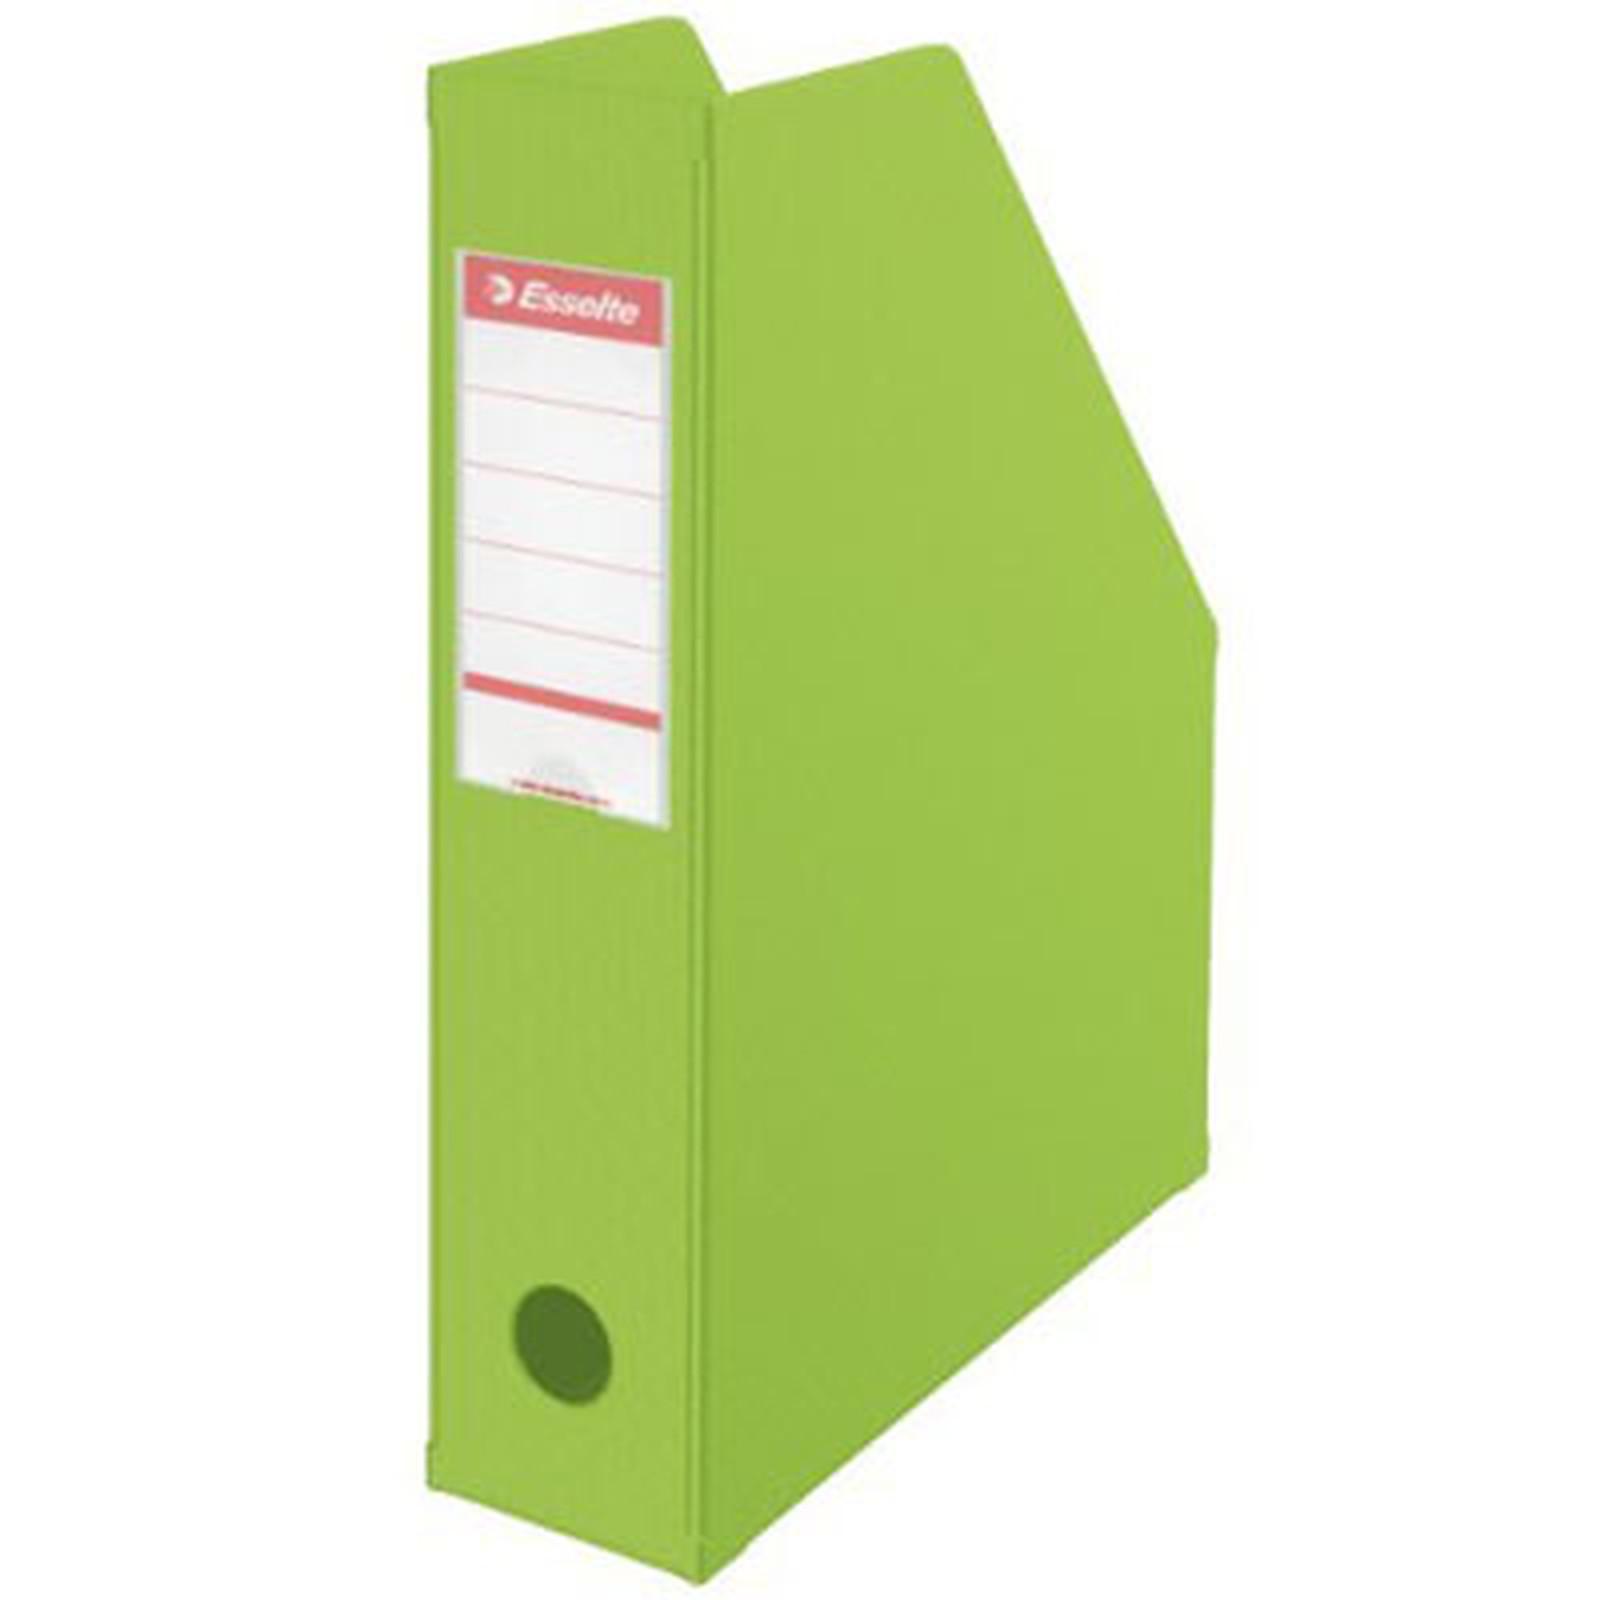 Esselte Lot de 10 porte-revues dos PVC de 10 cm Vert